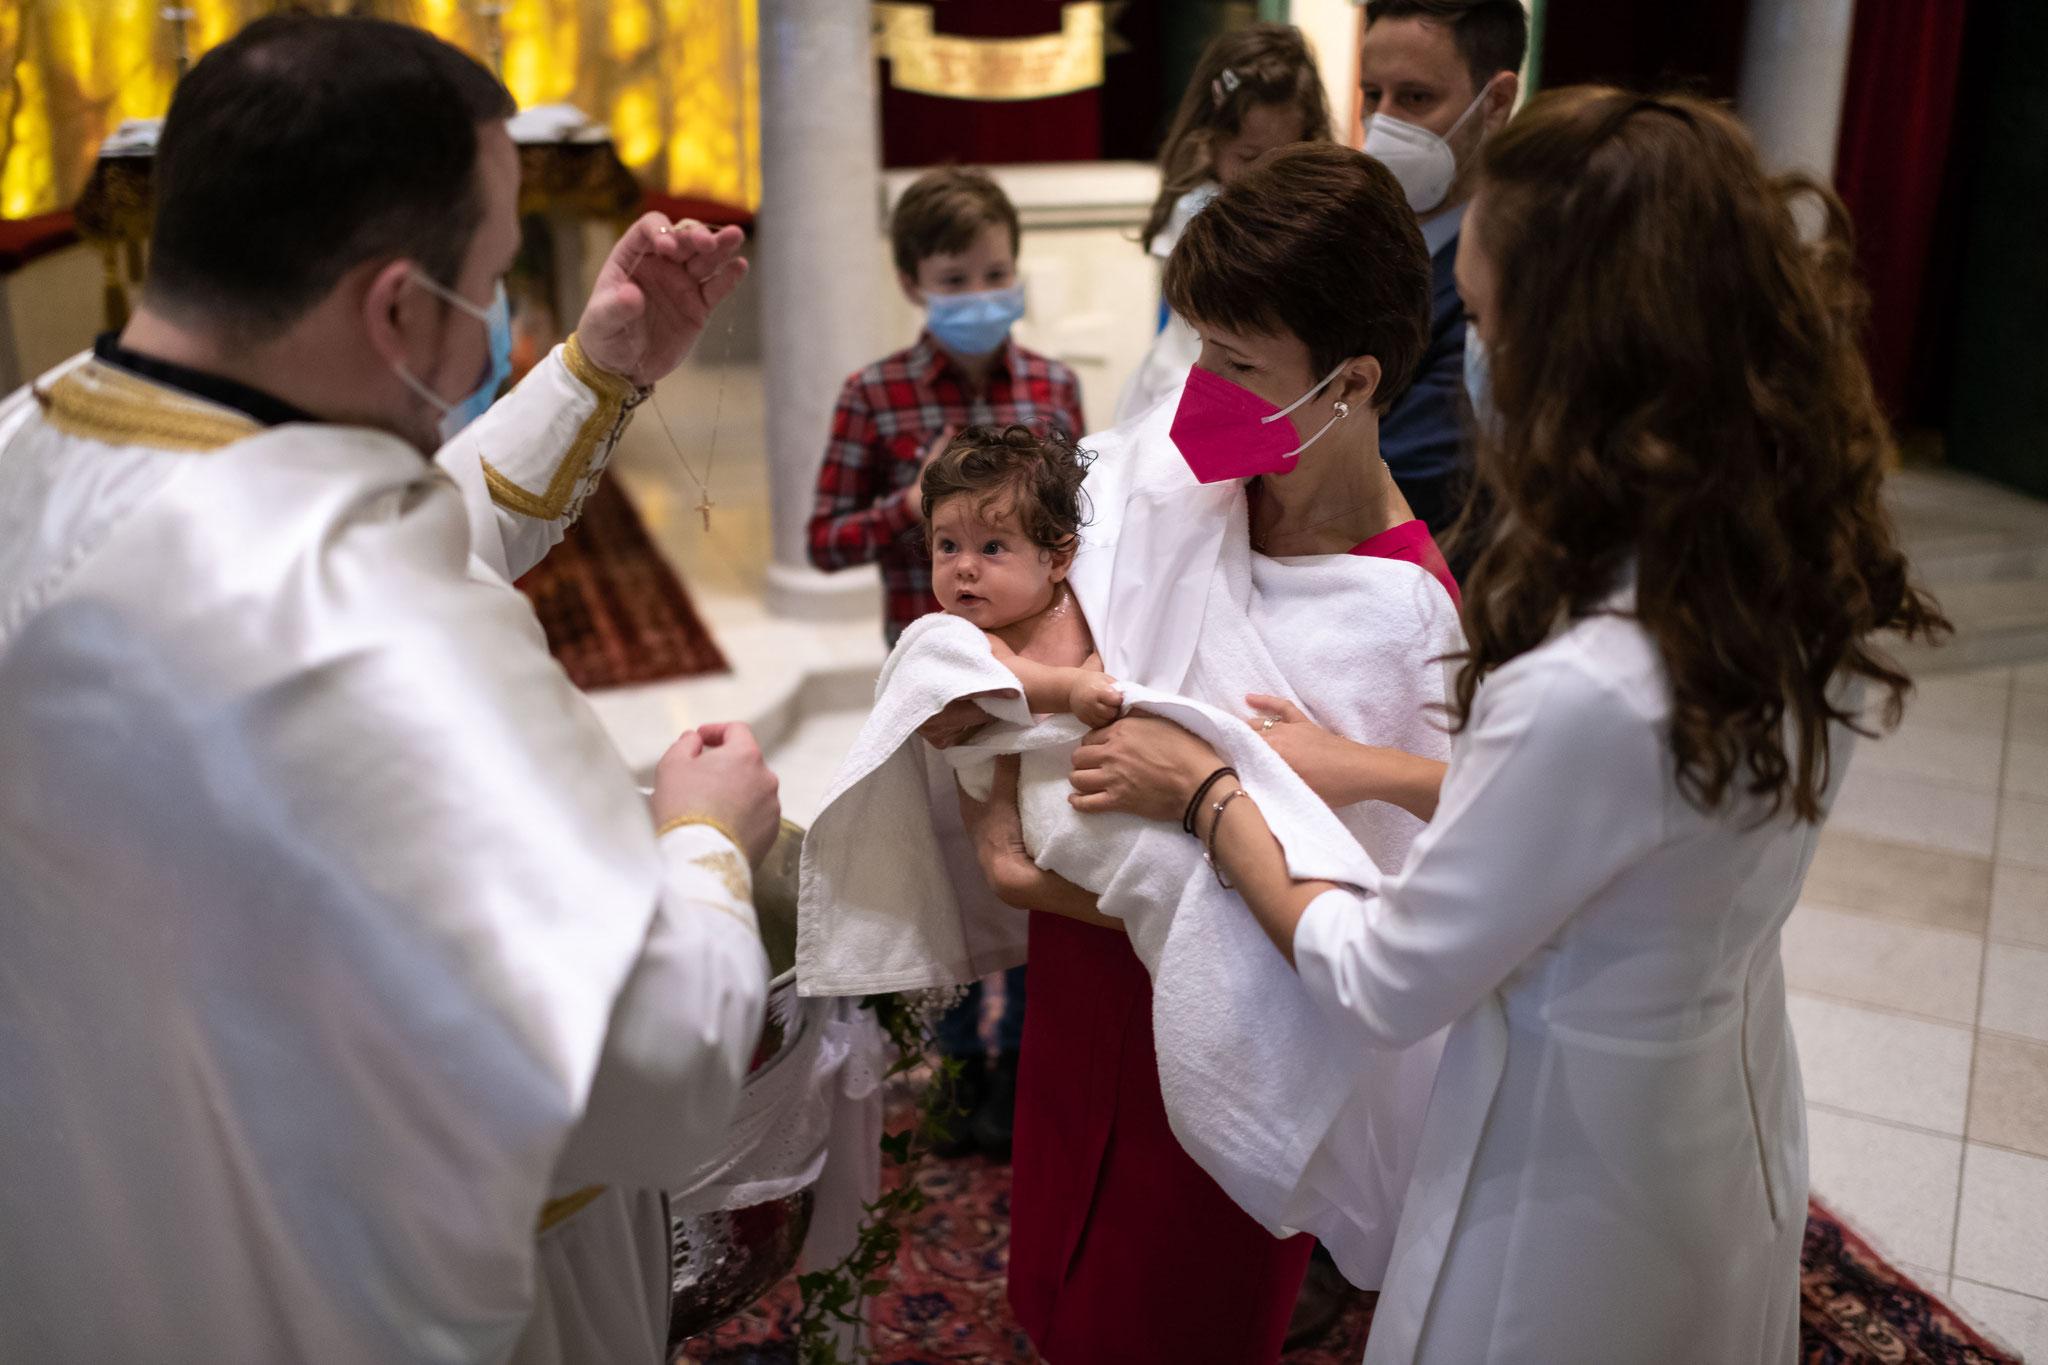 Perfekte Filmaufnahmen in der Kirche während der Taufe vom professionellen Kamerateam in Offenbach am Main